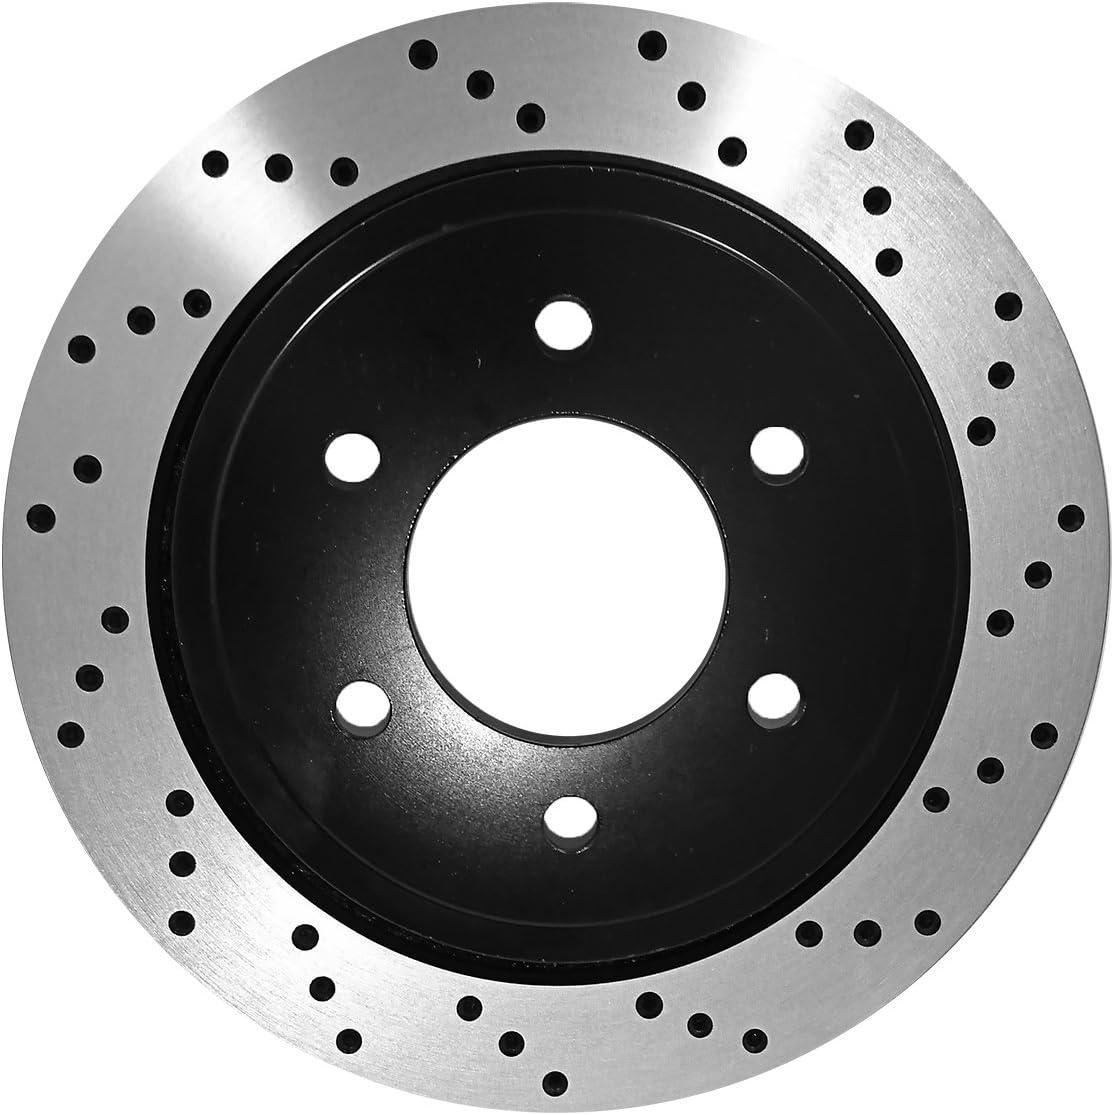 Duraplus Rear Premium Coated Drilled /& Slotted Brake Rotors Ceramic Brake Pads